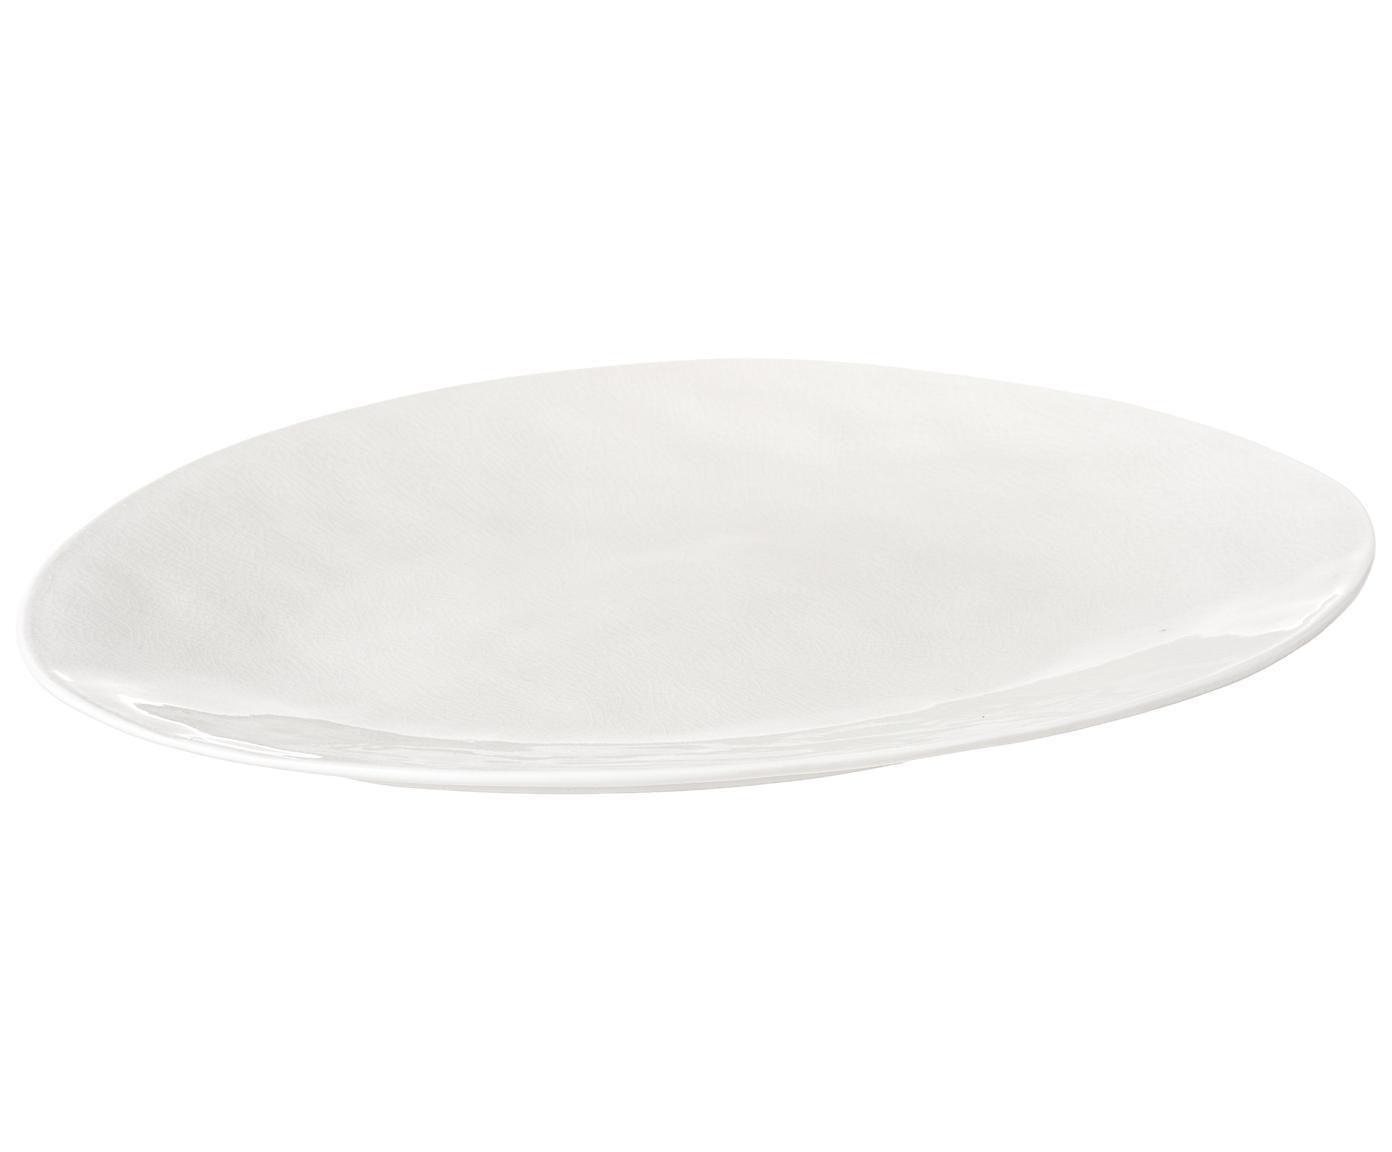 Porzellan-Servierplatte ŕ la Maison in Creme, Porzellan, Creme, 28 x 34 cm